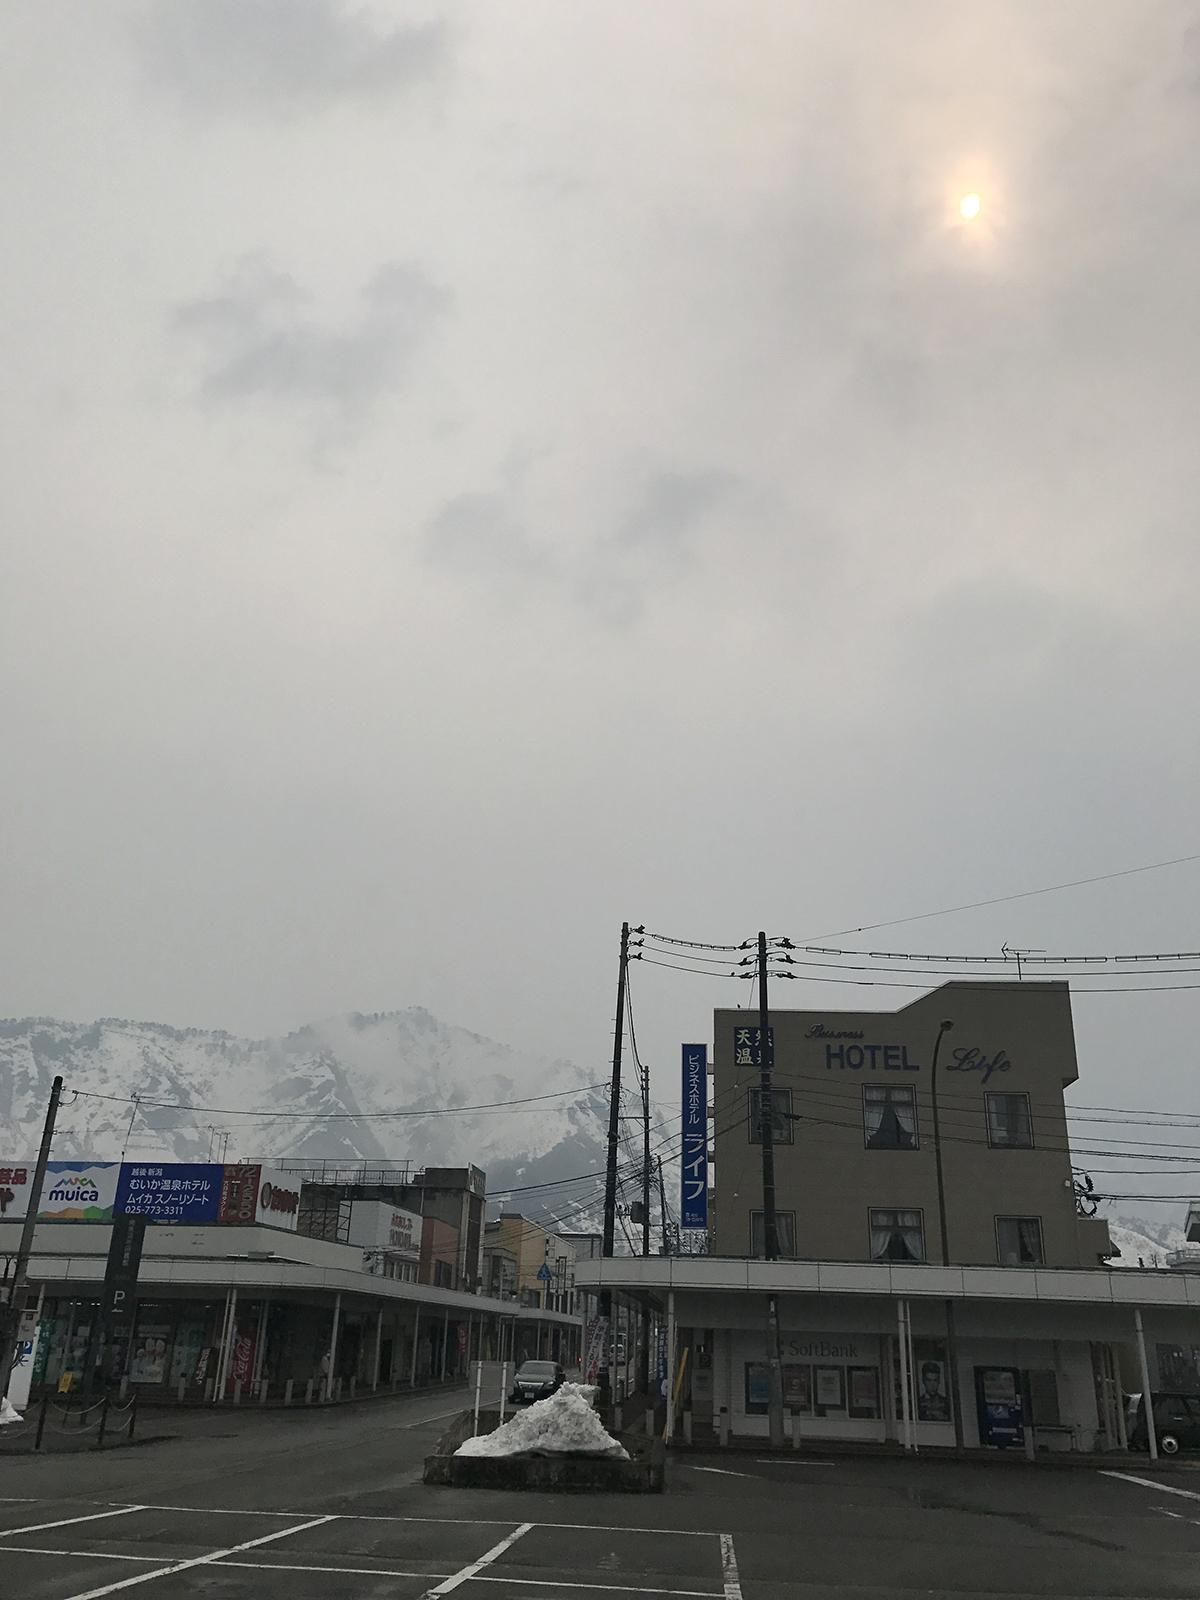 2017.3.19 sun. AM10:04 どんより曇天に光。